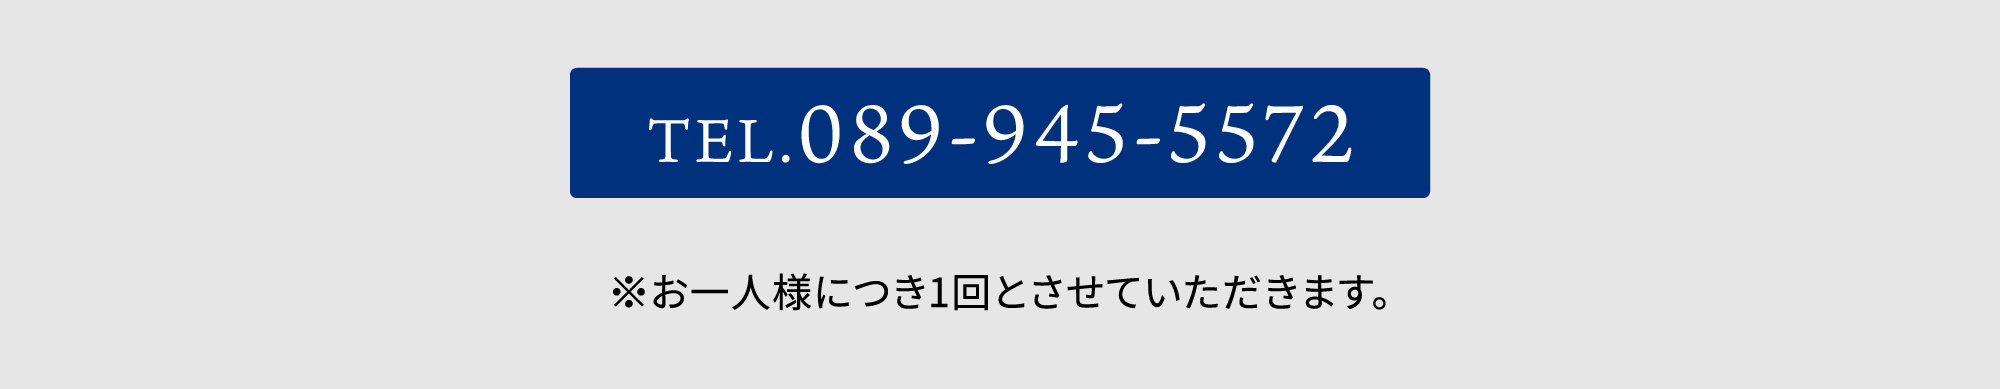 TEL:089-945-5572